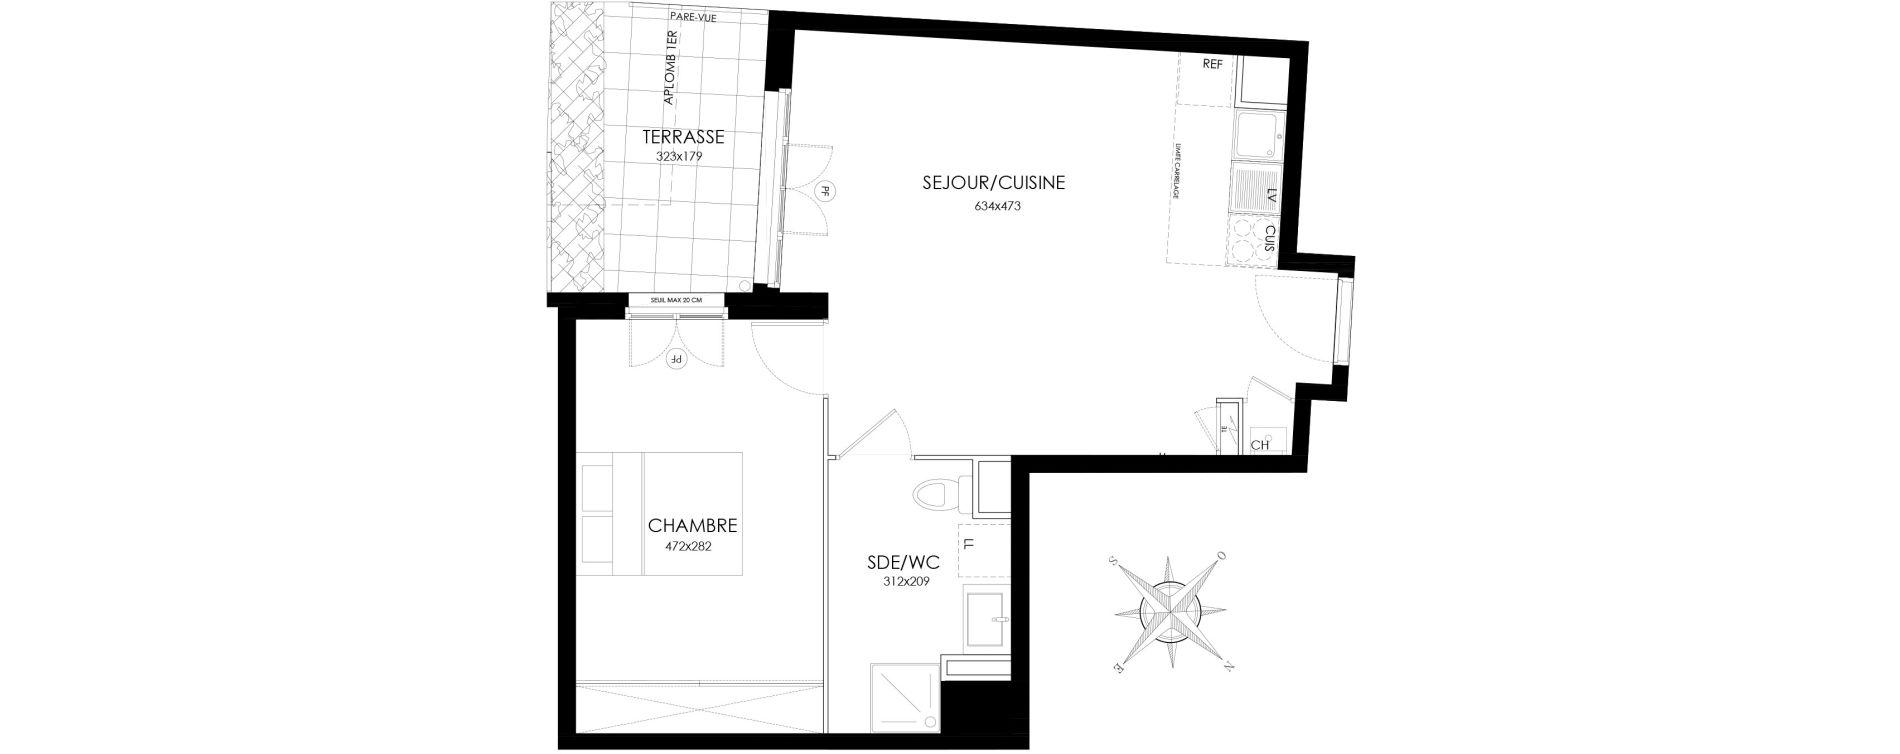 Appartement T2 de 44,80 m2 à Asnières-Sur-Seine L'alma